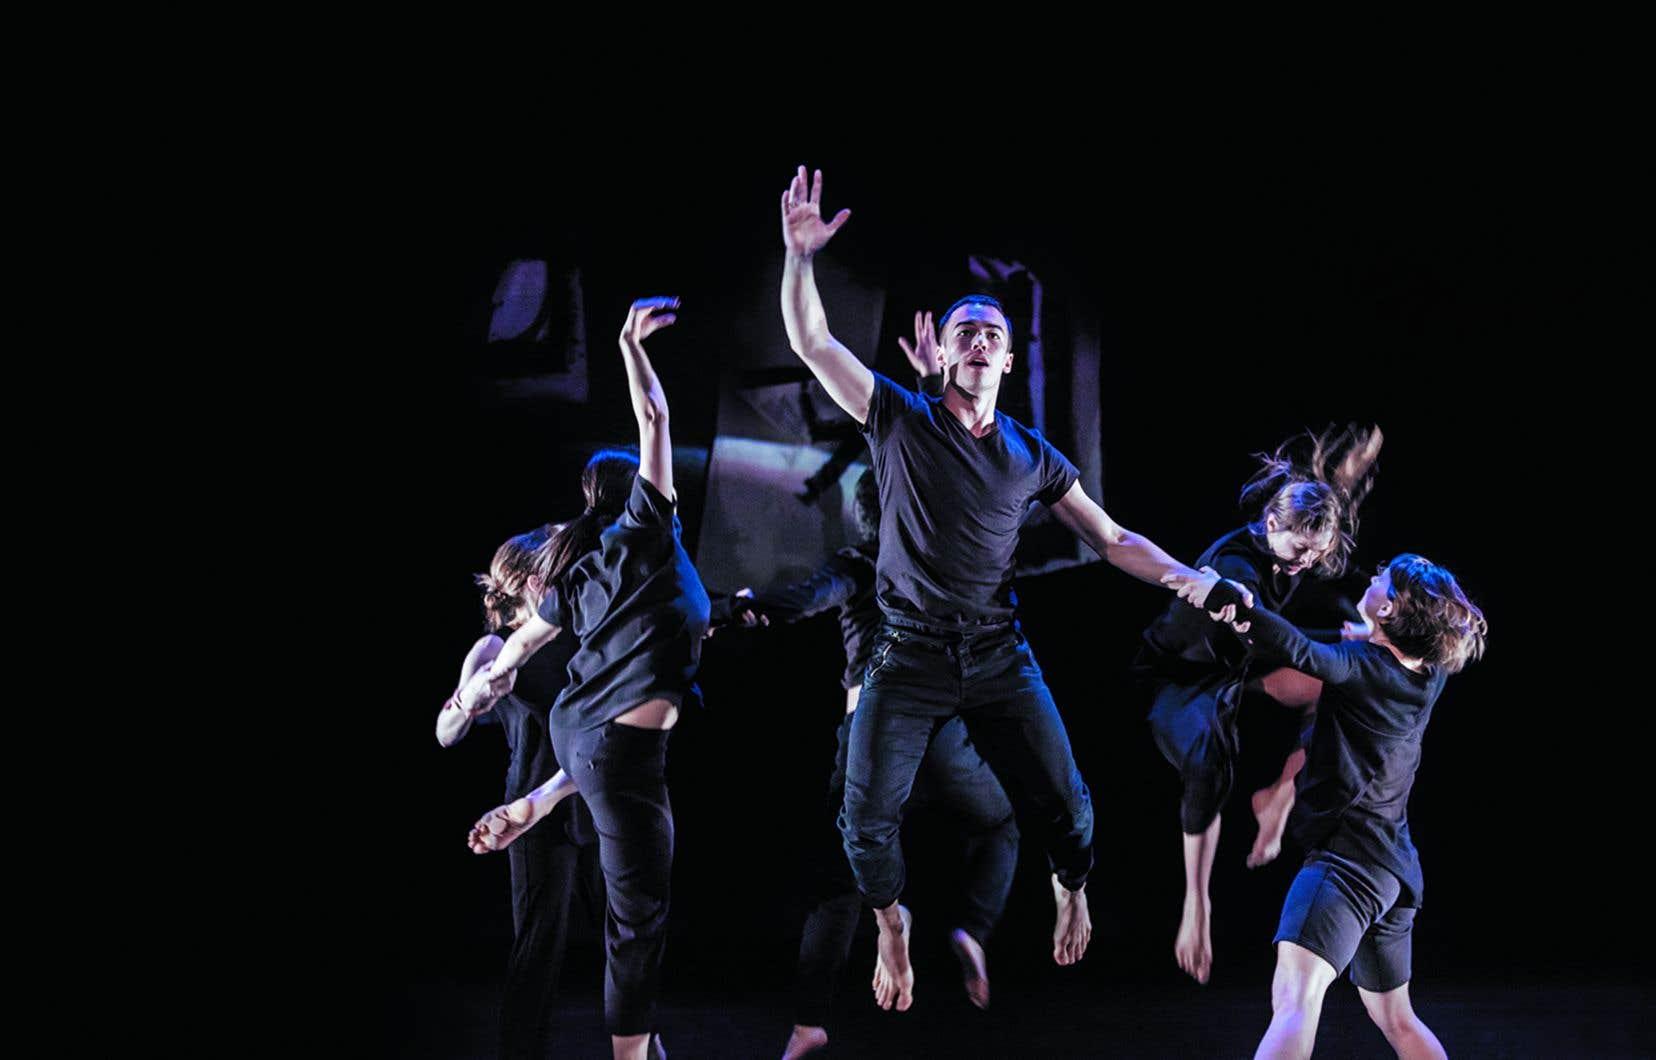 Tous vêtus de noir, en duo, trio, quatuor et à l'unisson, les danseurs parviennent à faire corps commun.